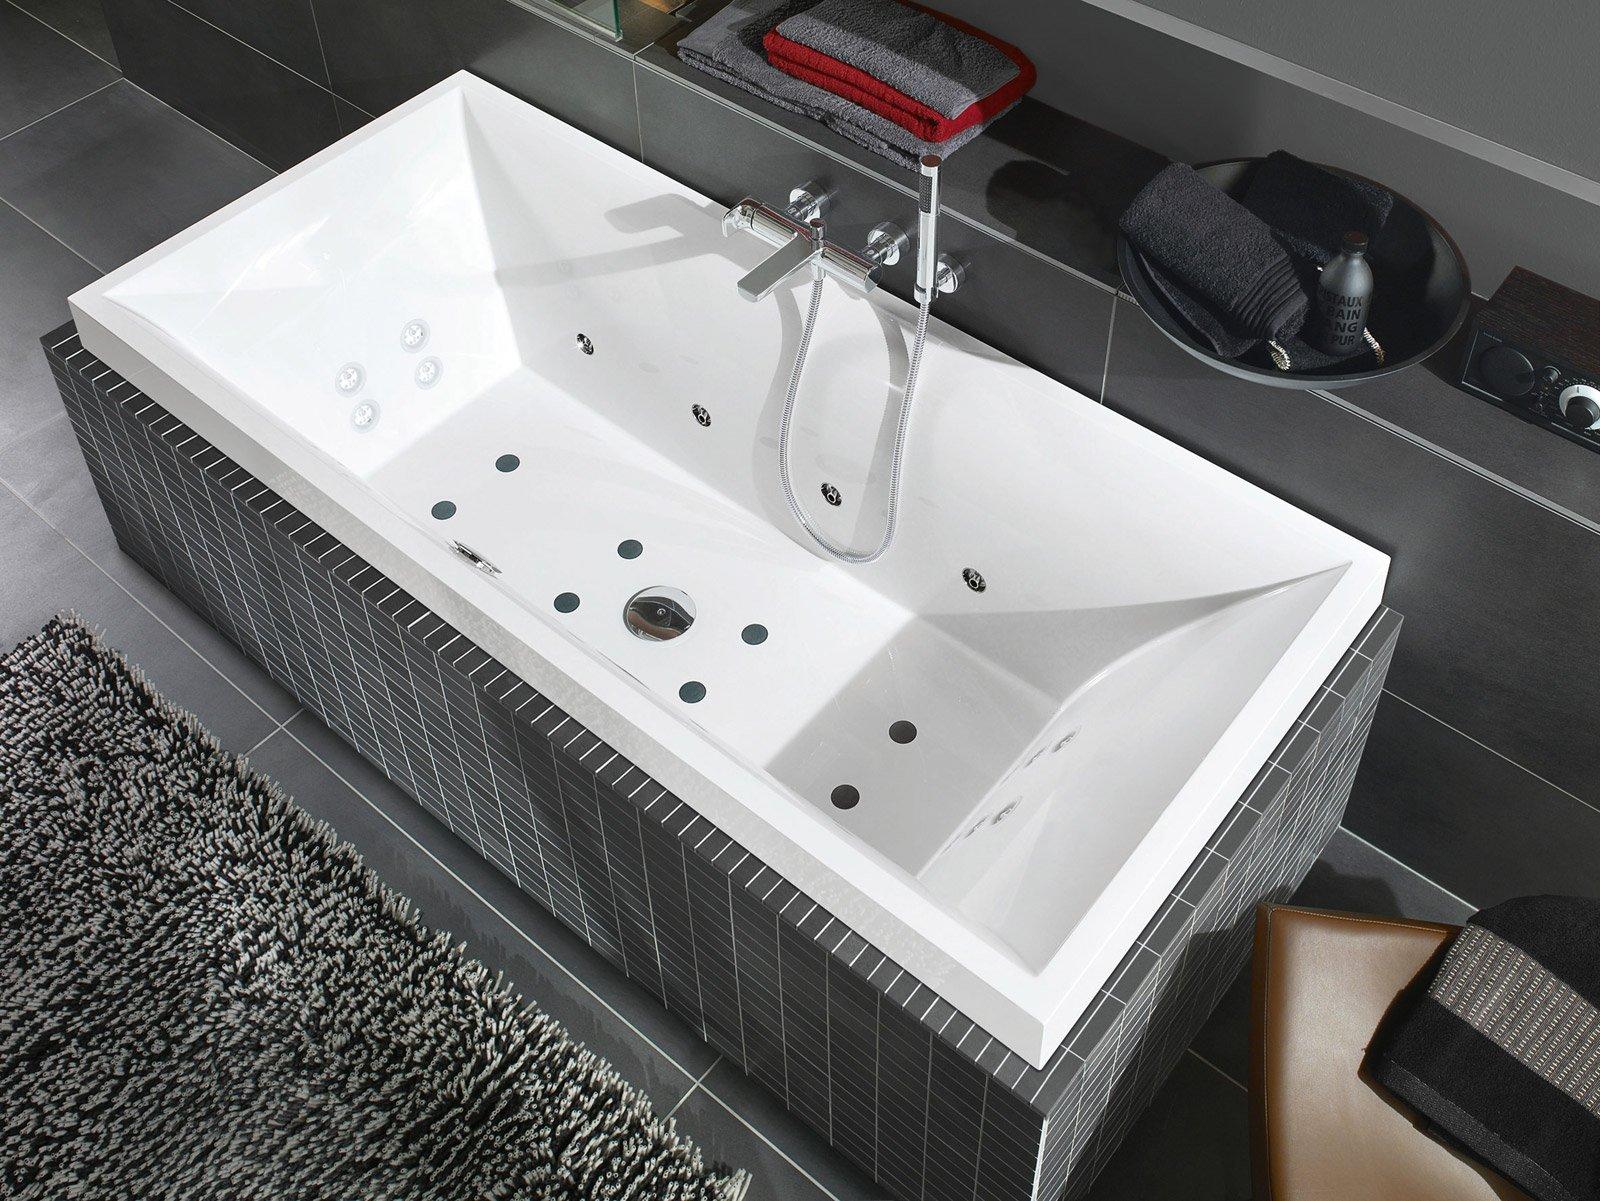 Vasca Da Bagno Roca Prezzi : Sovrapposizione vasca con sportello for maestoso galleria da